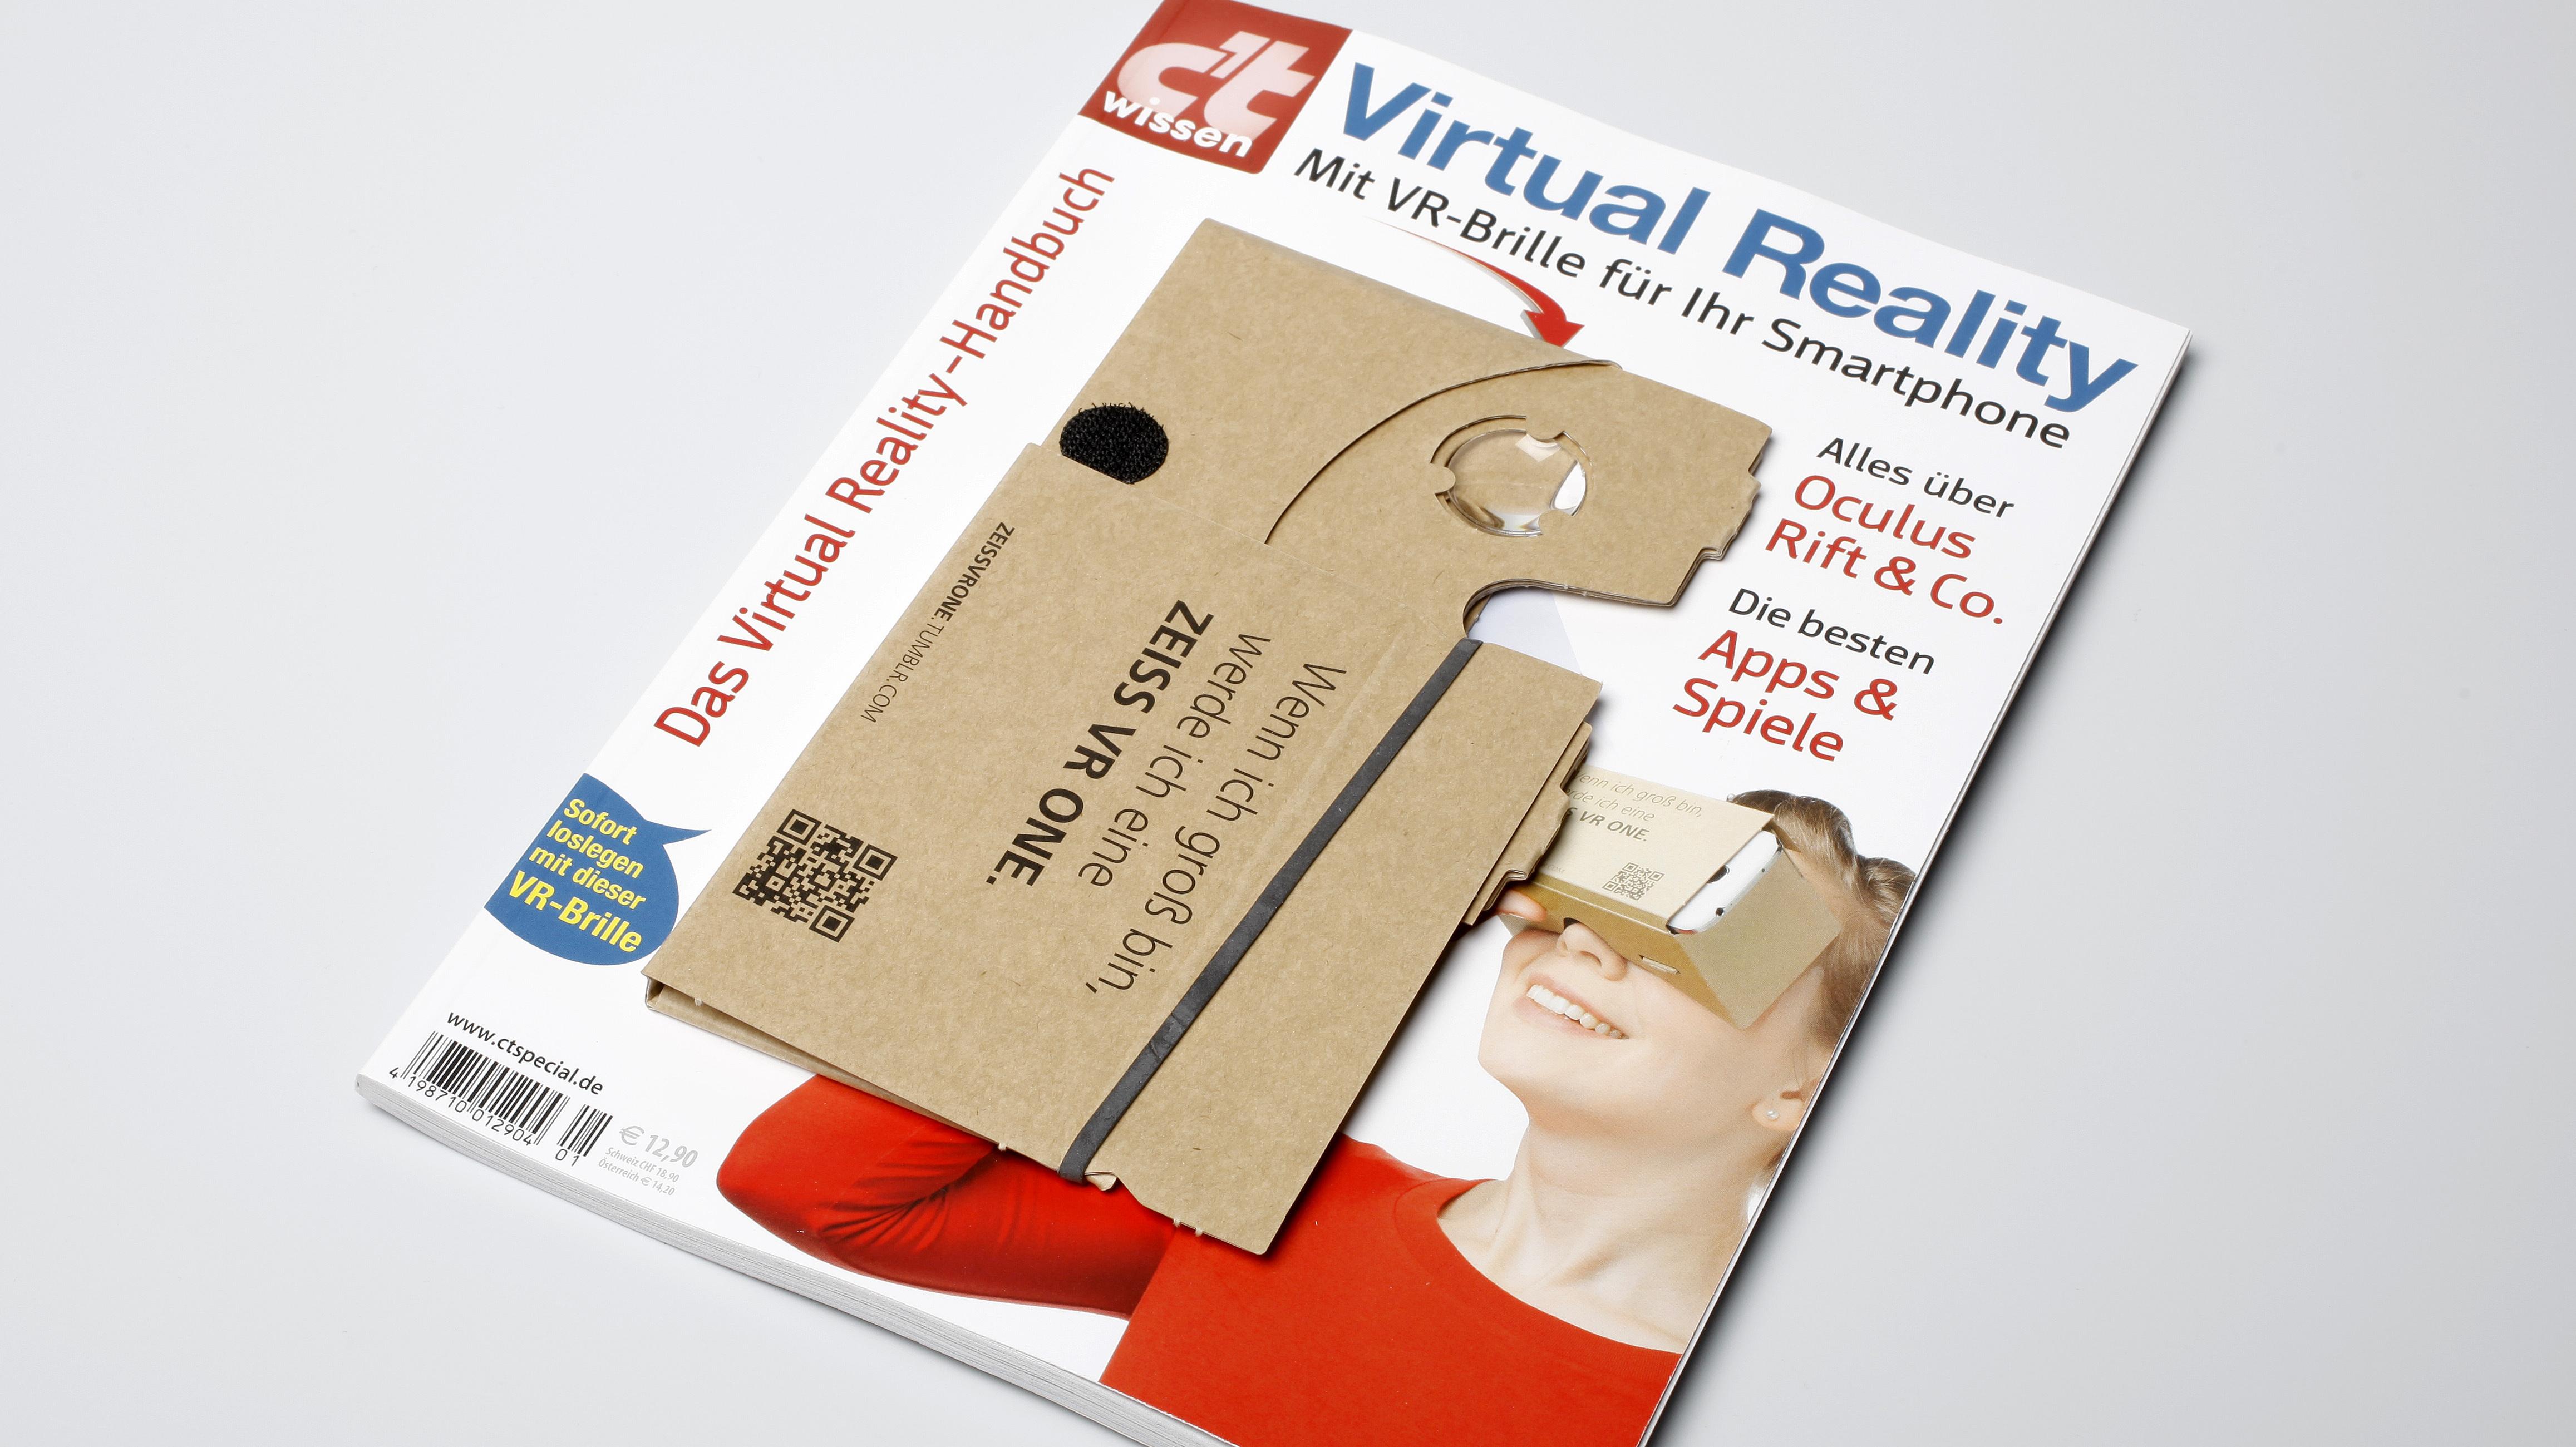 c't wissen Virtual Reality mit VR-Brille ab sofort erhältlich | heise online